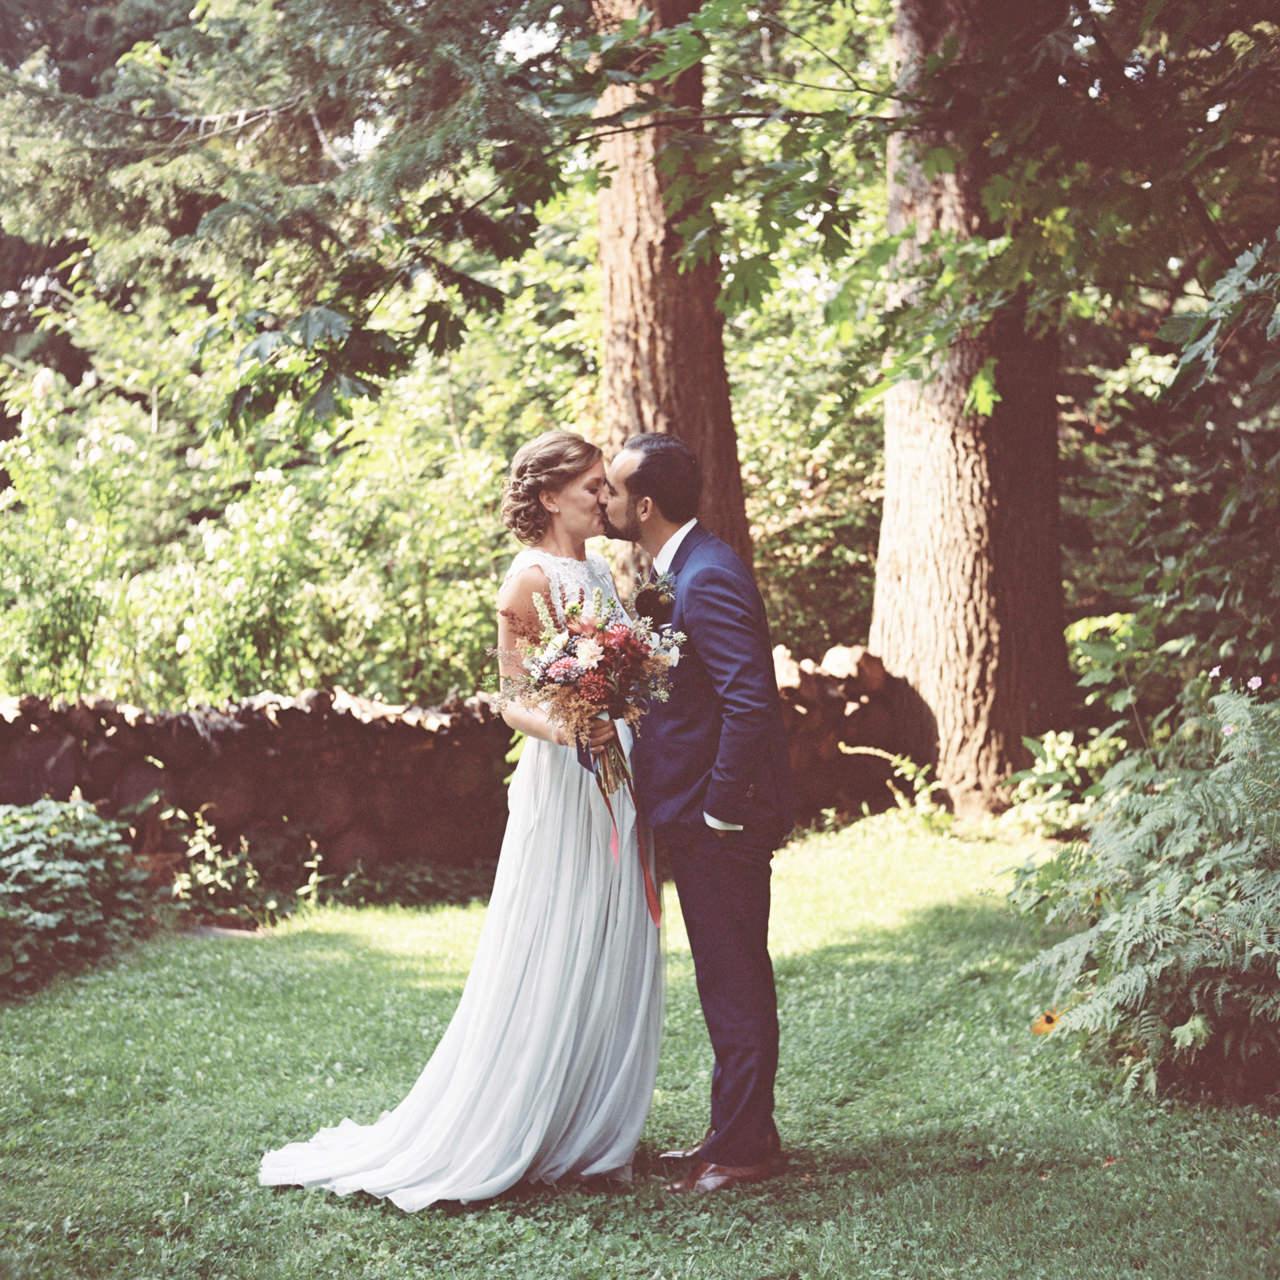 mt-hood-organic-farms-film-wedding-04a.jpg